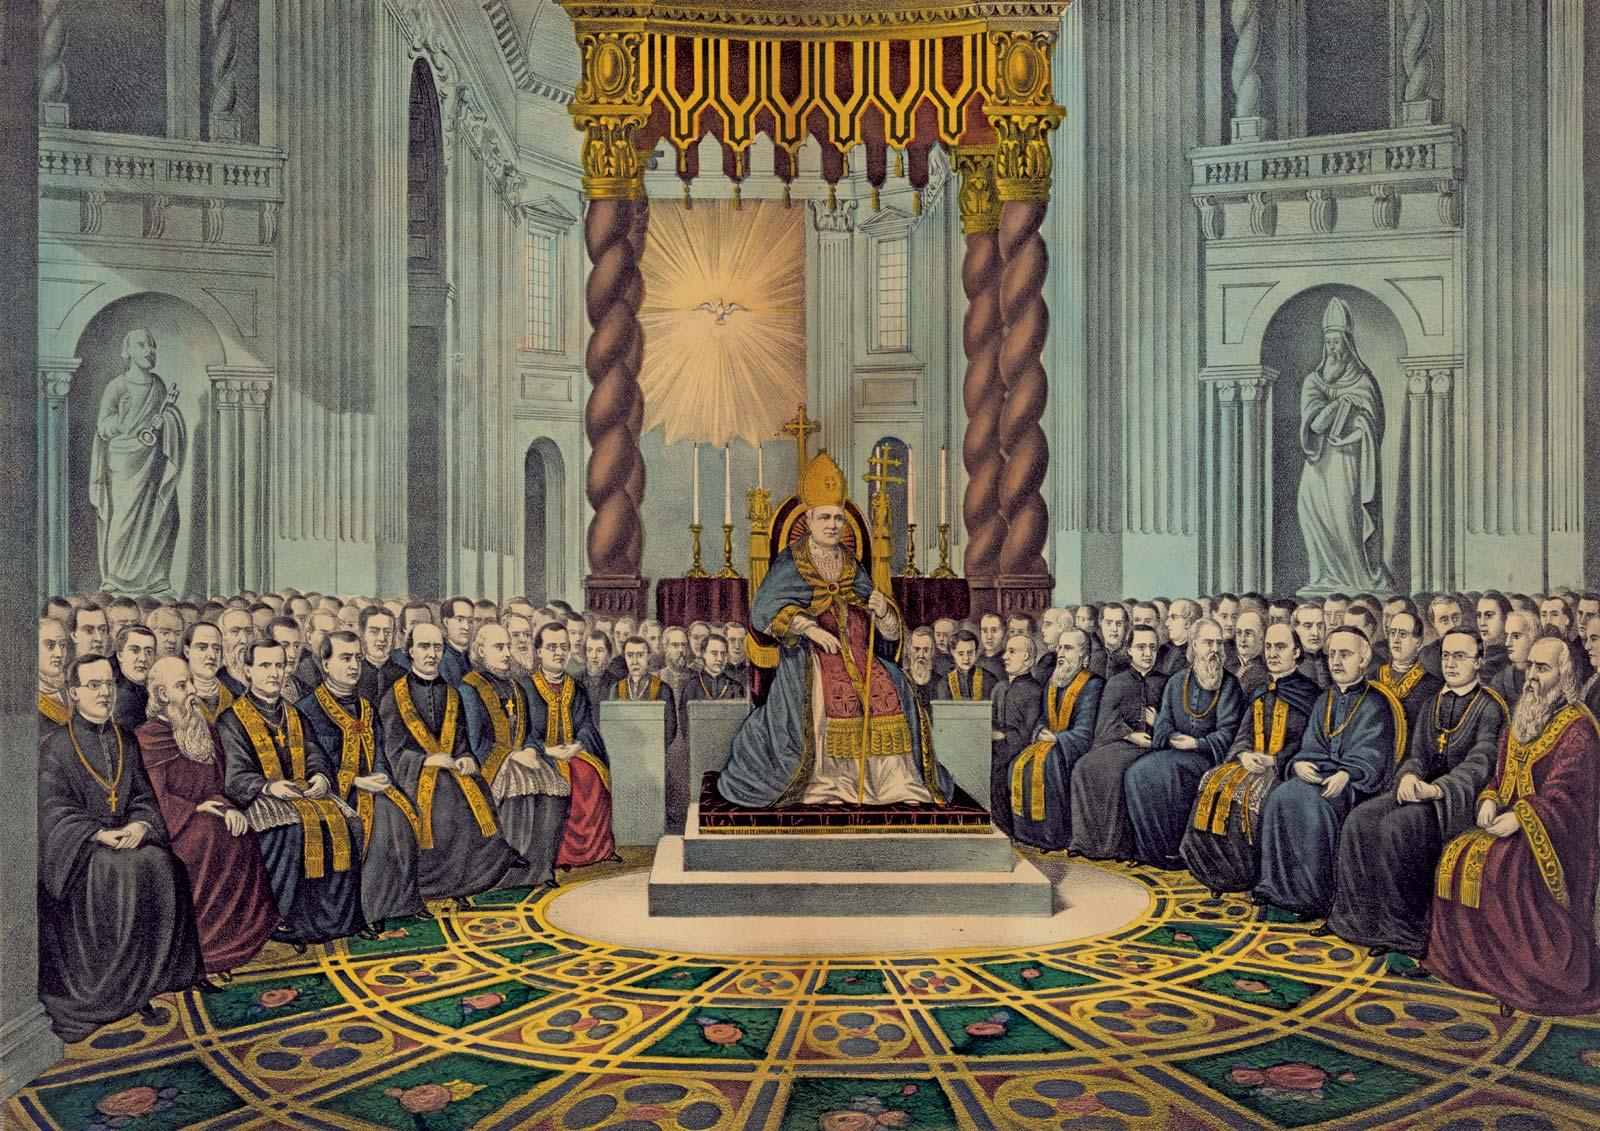 Před 150 lety bylo přijato dogma opapežské neomylnosti